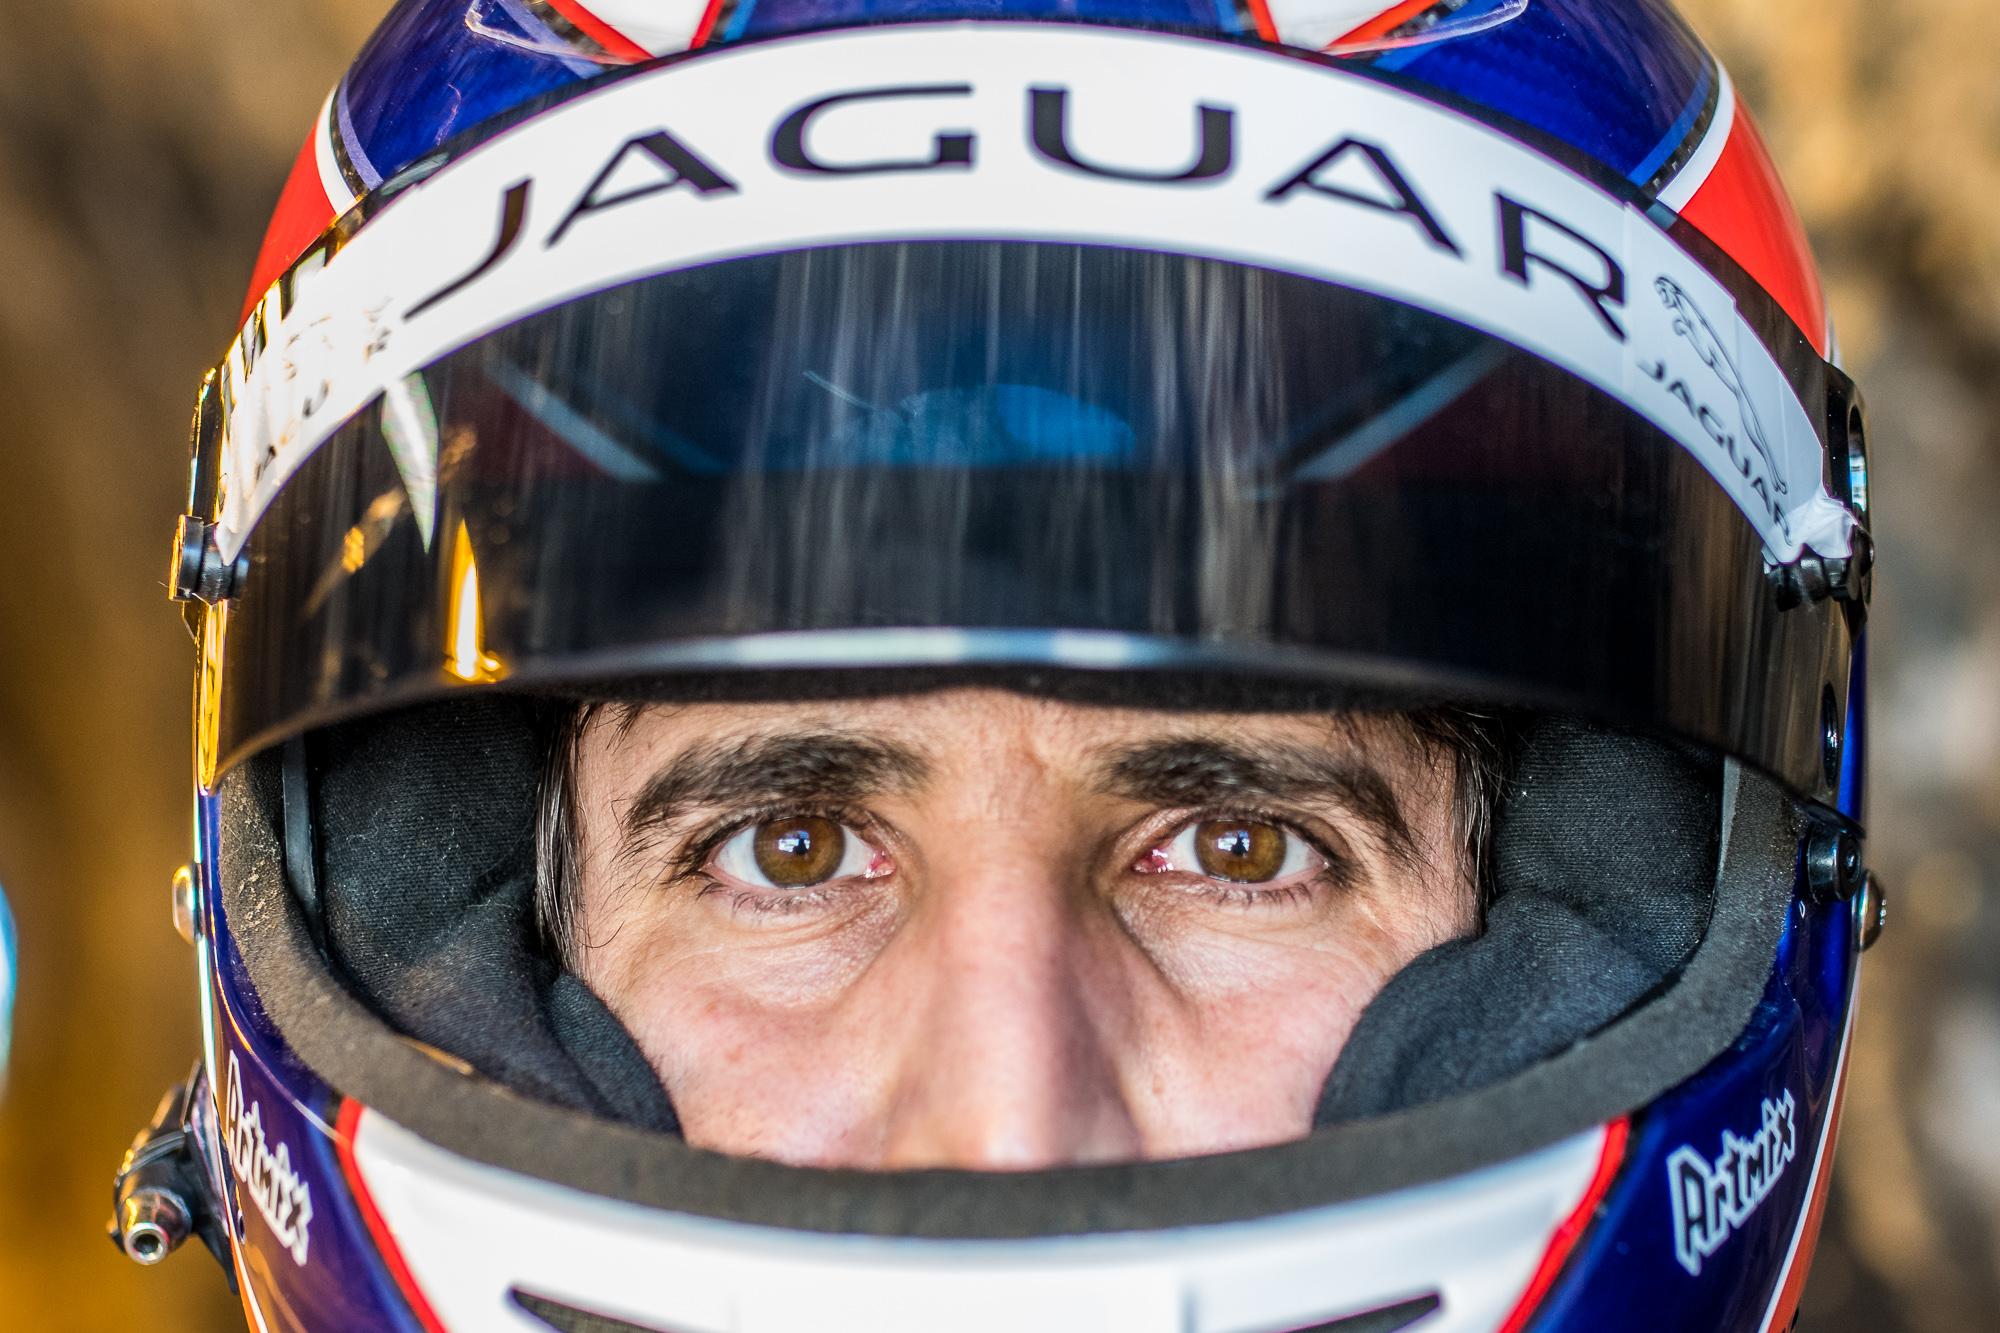 Jaguar_7.Monaco_josemariodias_01055